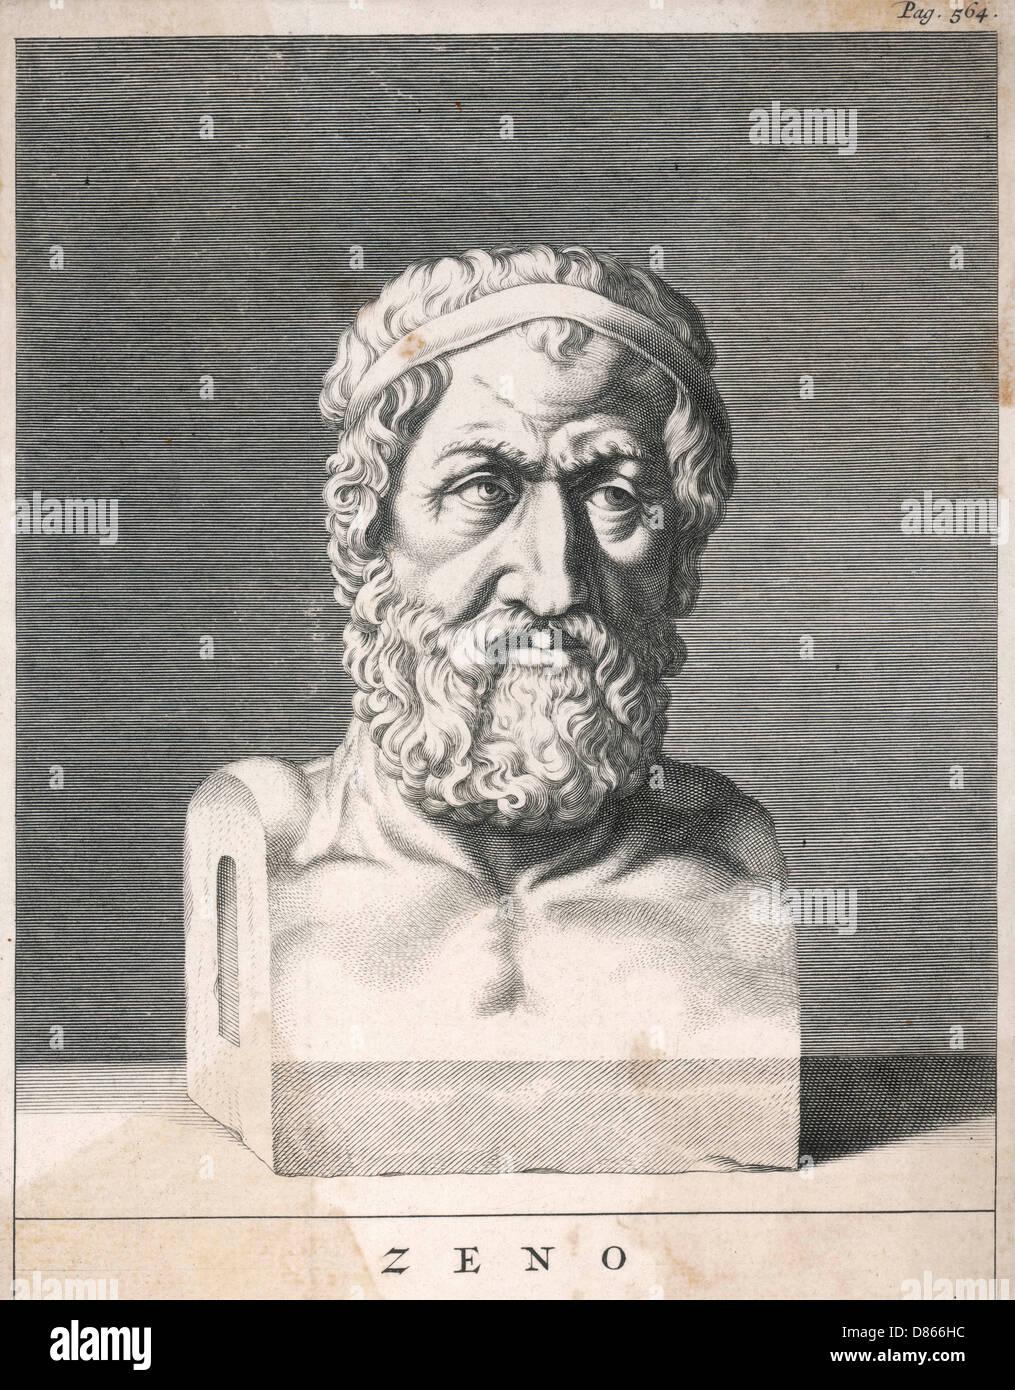 Zeno Of Citium  Greek Philosopher - Stock Image